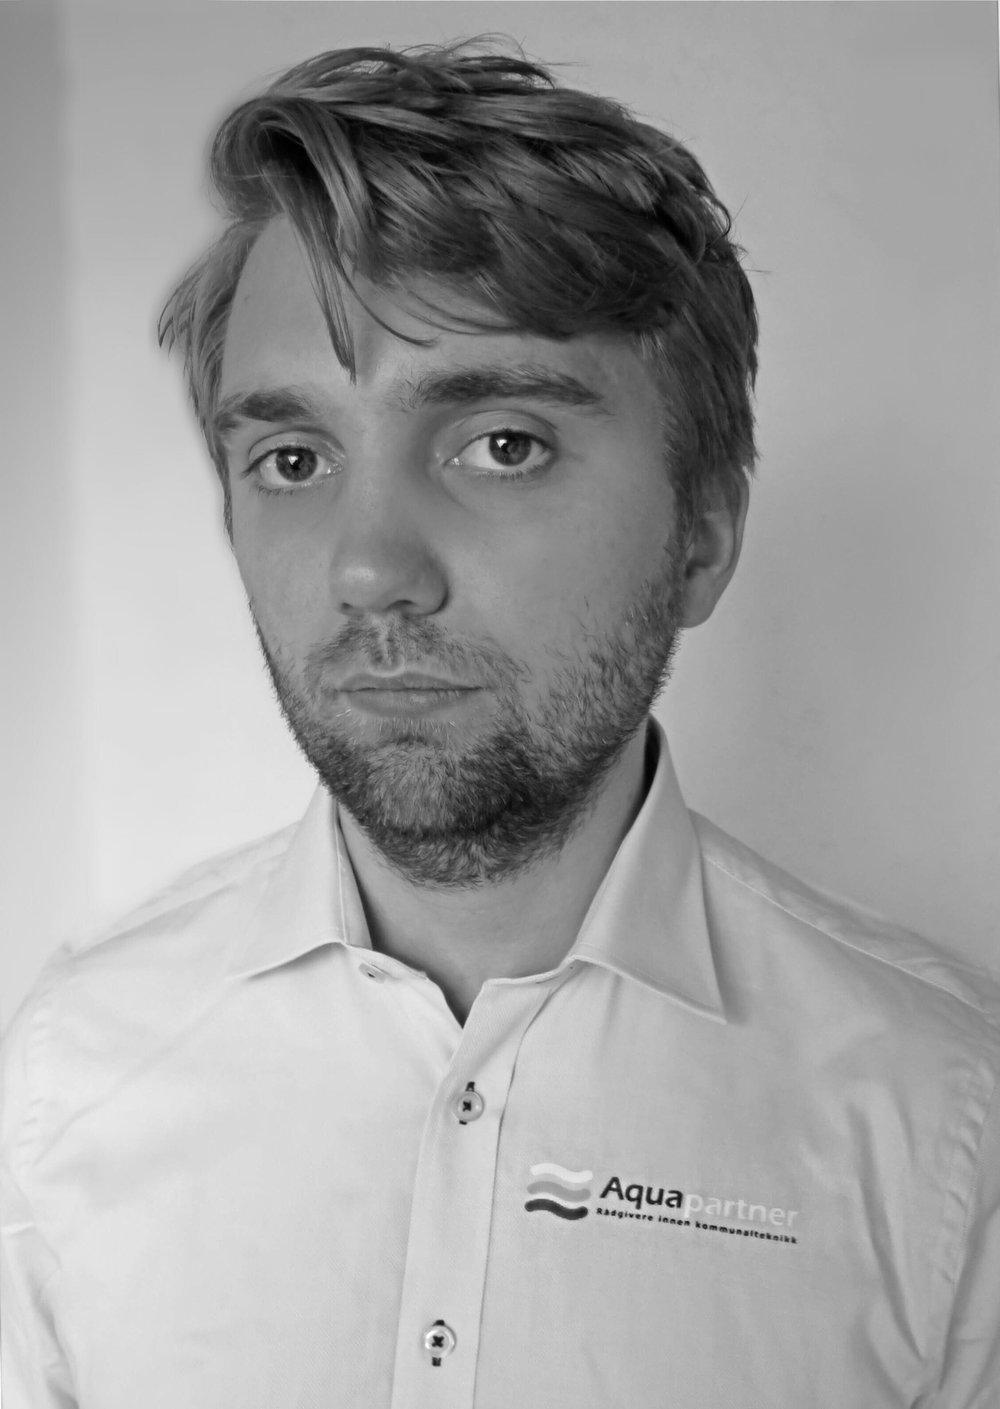 Viktor Løsch Danneborg